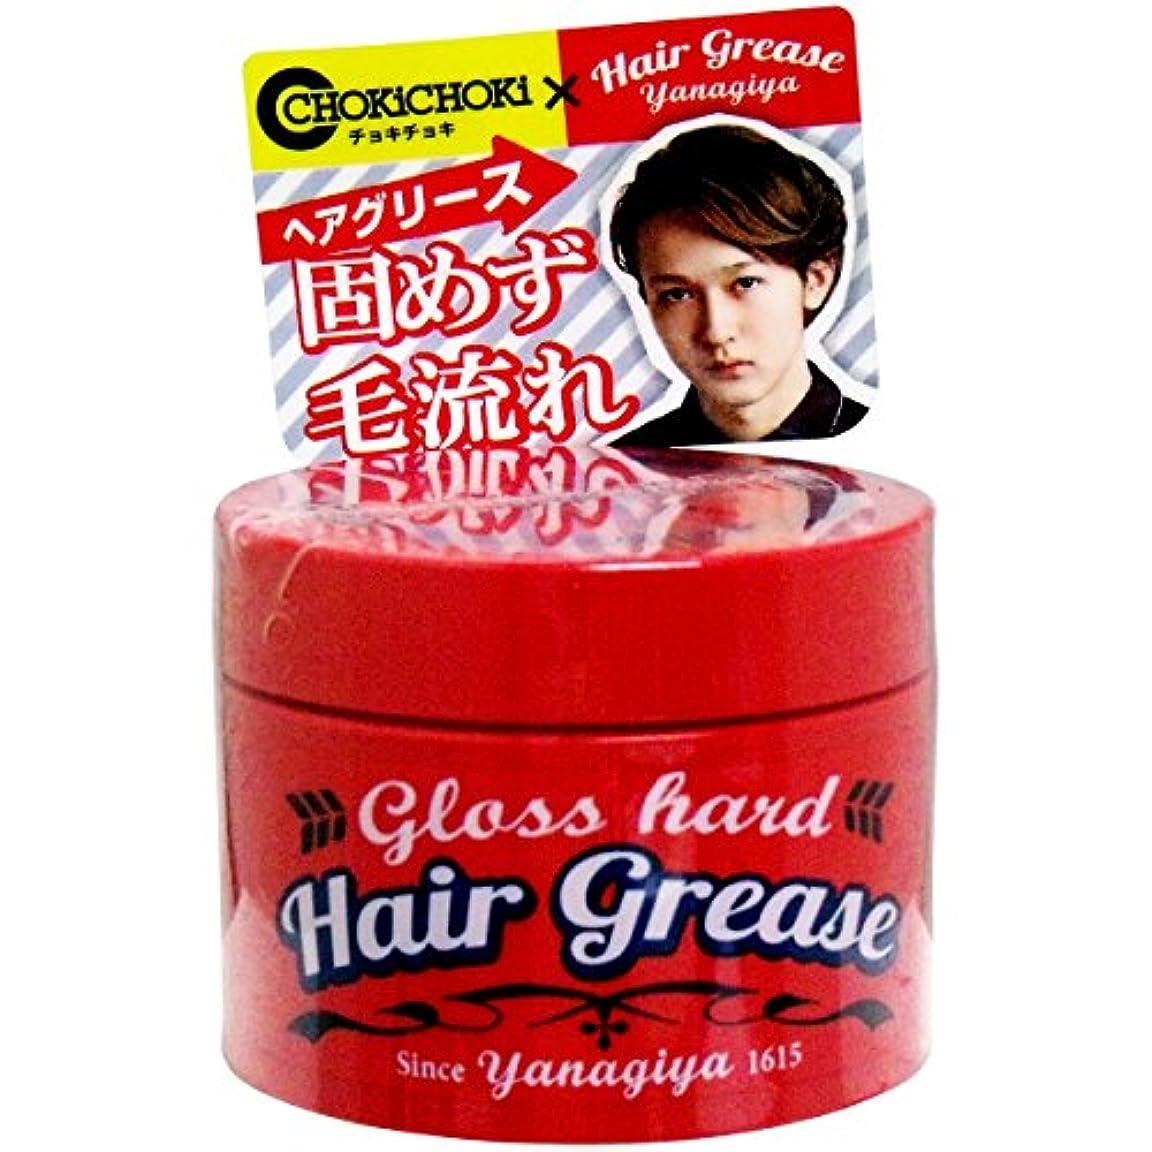 アレイ払い戻し滑るヘアワックス 固めず毛流れ 使いやすい YANAGIYA ヘアグリース グロスハード 90g入【5個セット】